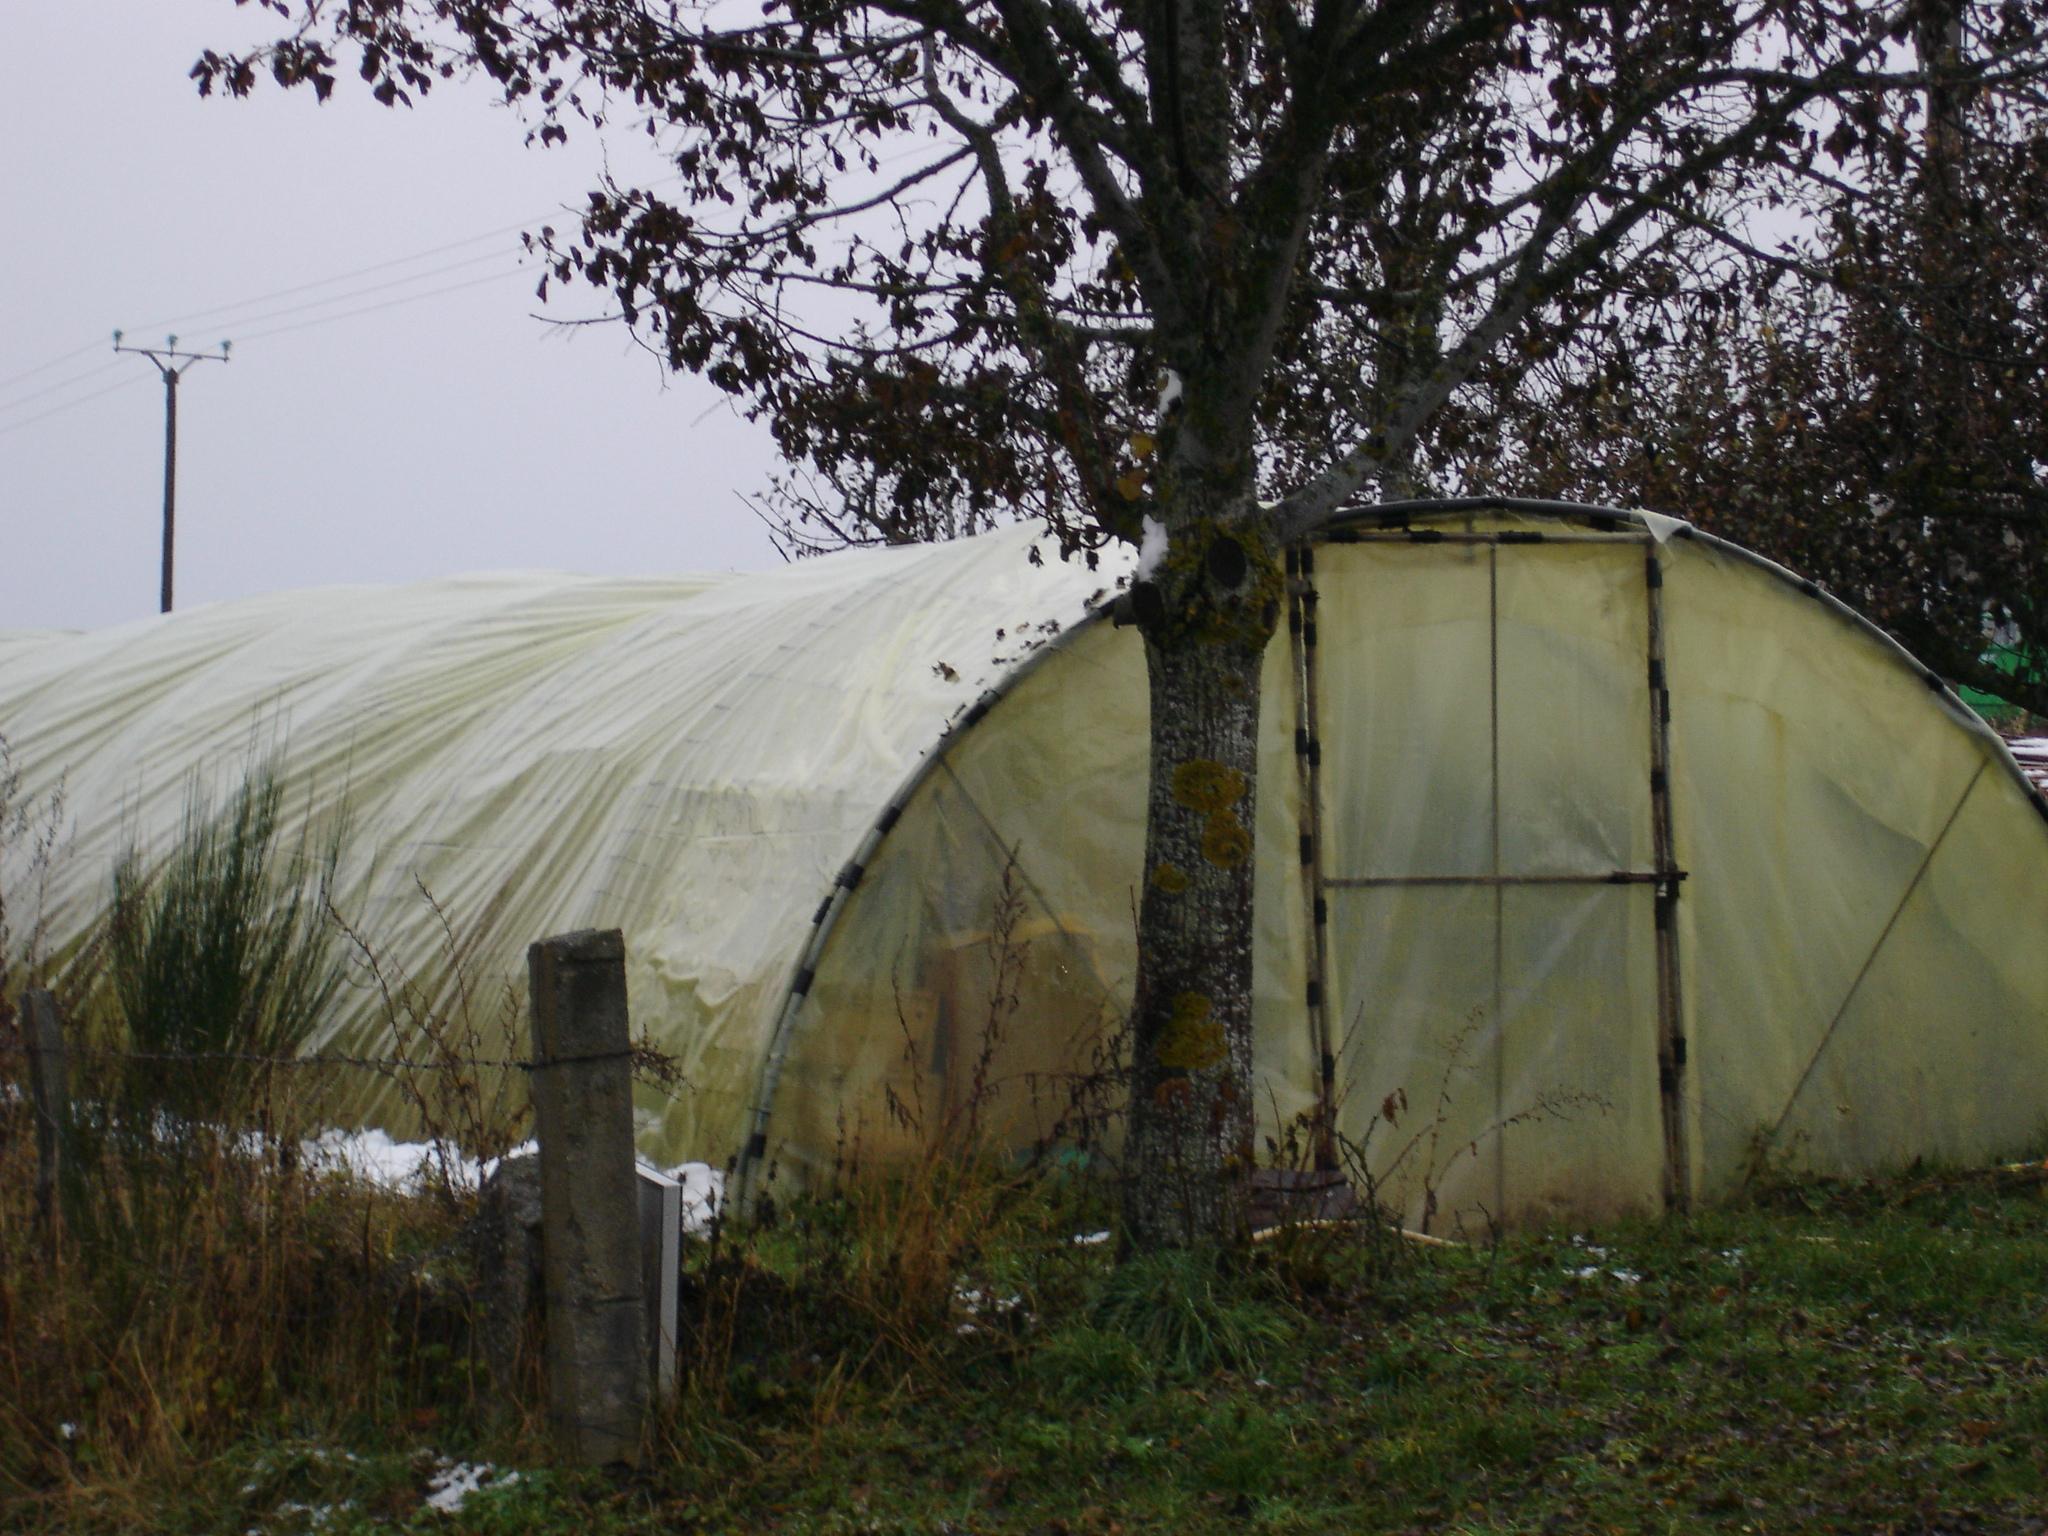 Une Serre Au Jardin Potager   Jardinage, Potager, Jardin concernant Serre De Jardin Occasion